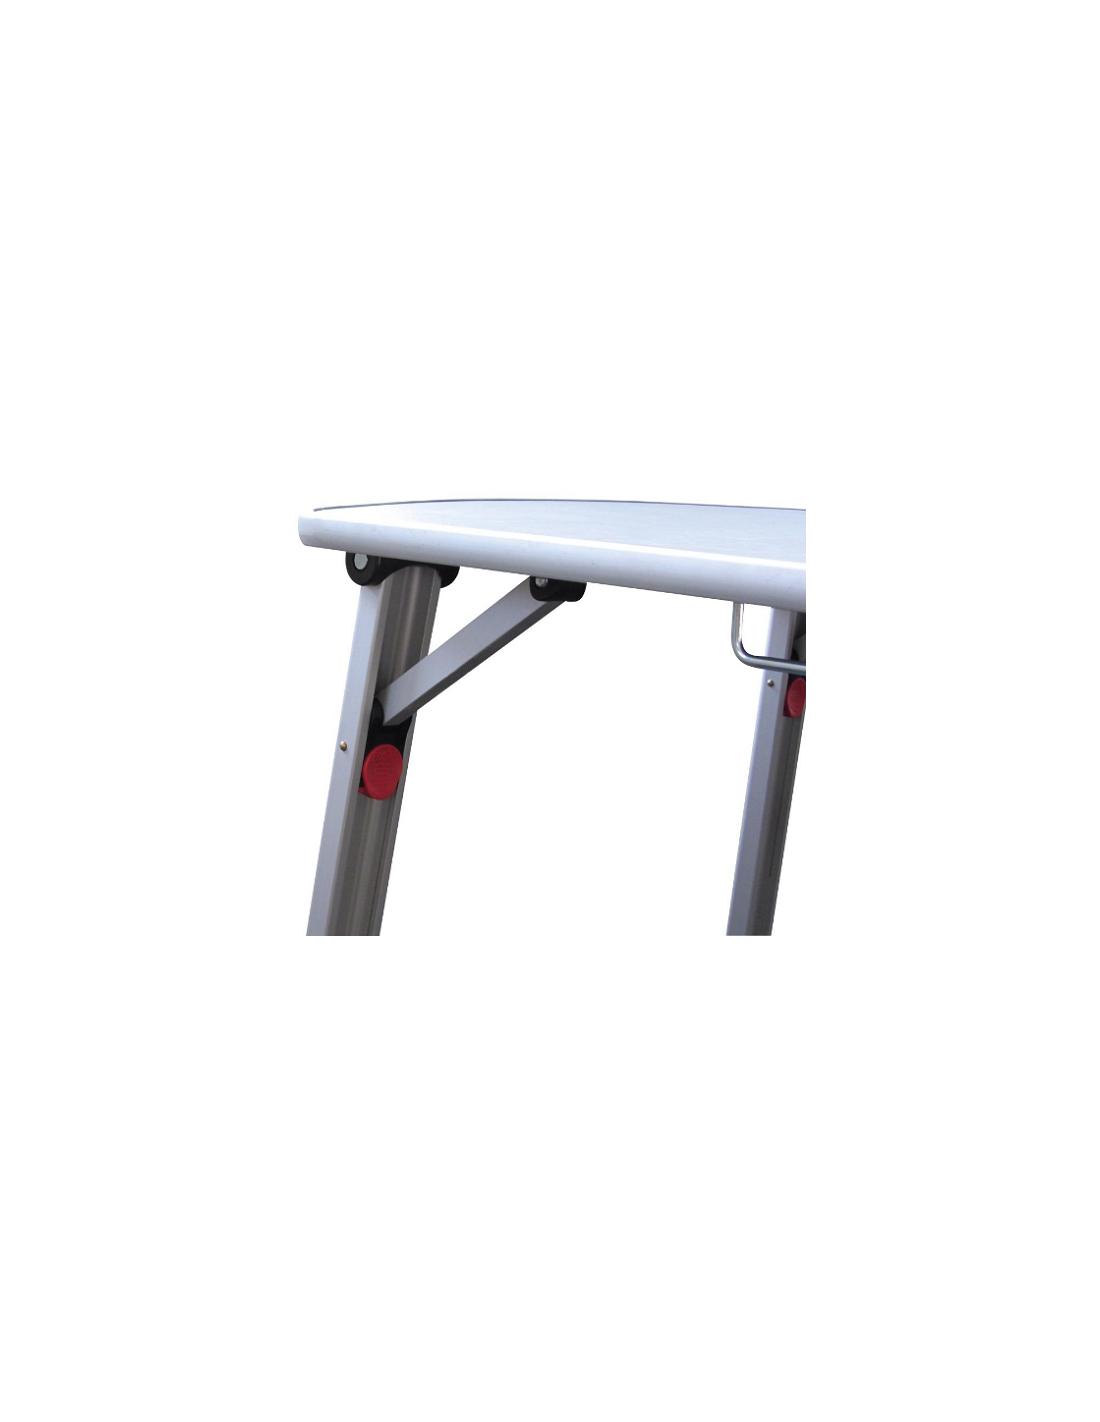 Mesa plegable en aluminio 90 cm tienda de camping online - Mesa plegable camping carrefour ...